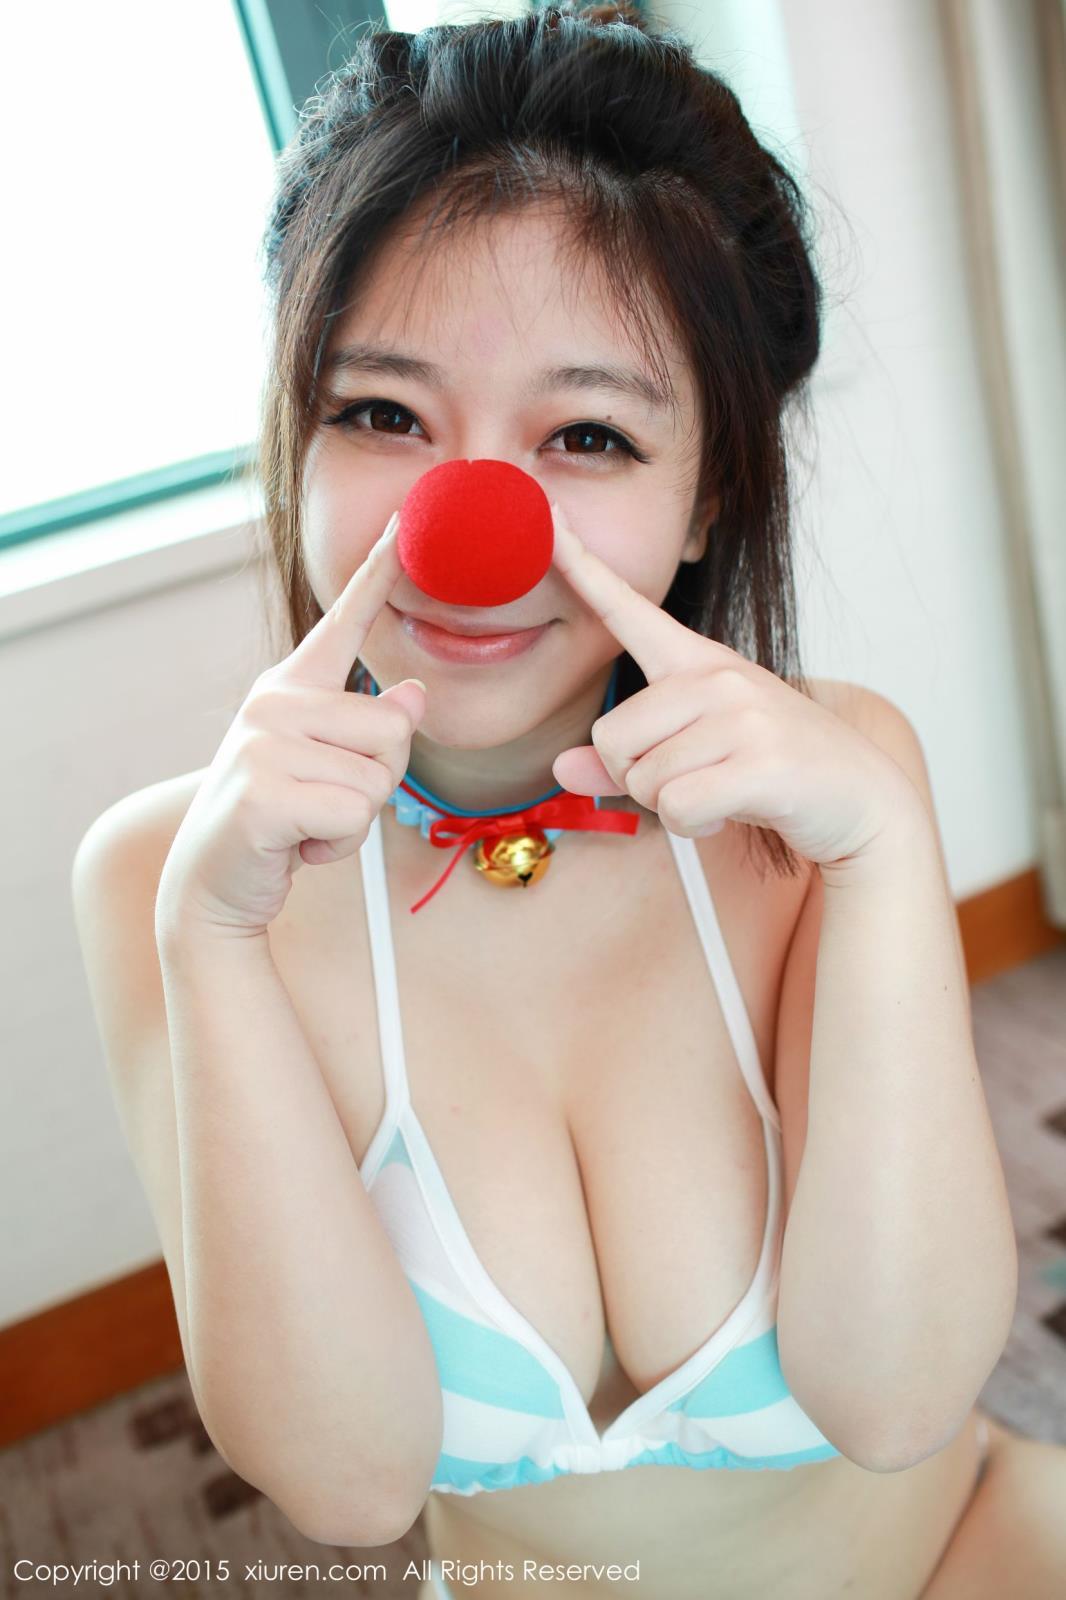 秀人网性感美女刘飞儿Faye爆乳内衣诱惑菲律宾私房旅拍